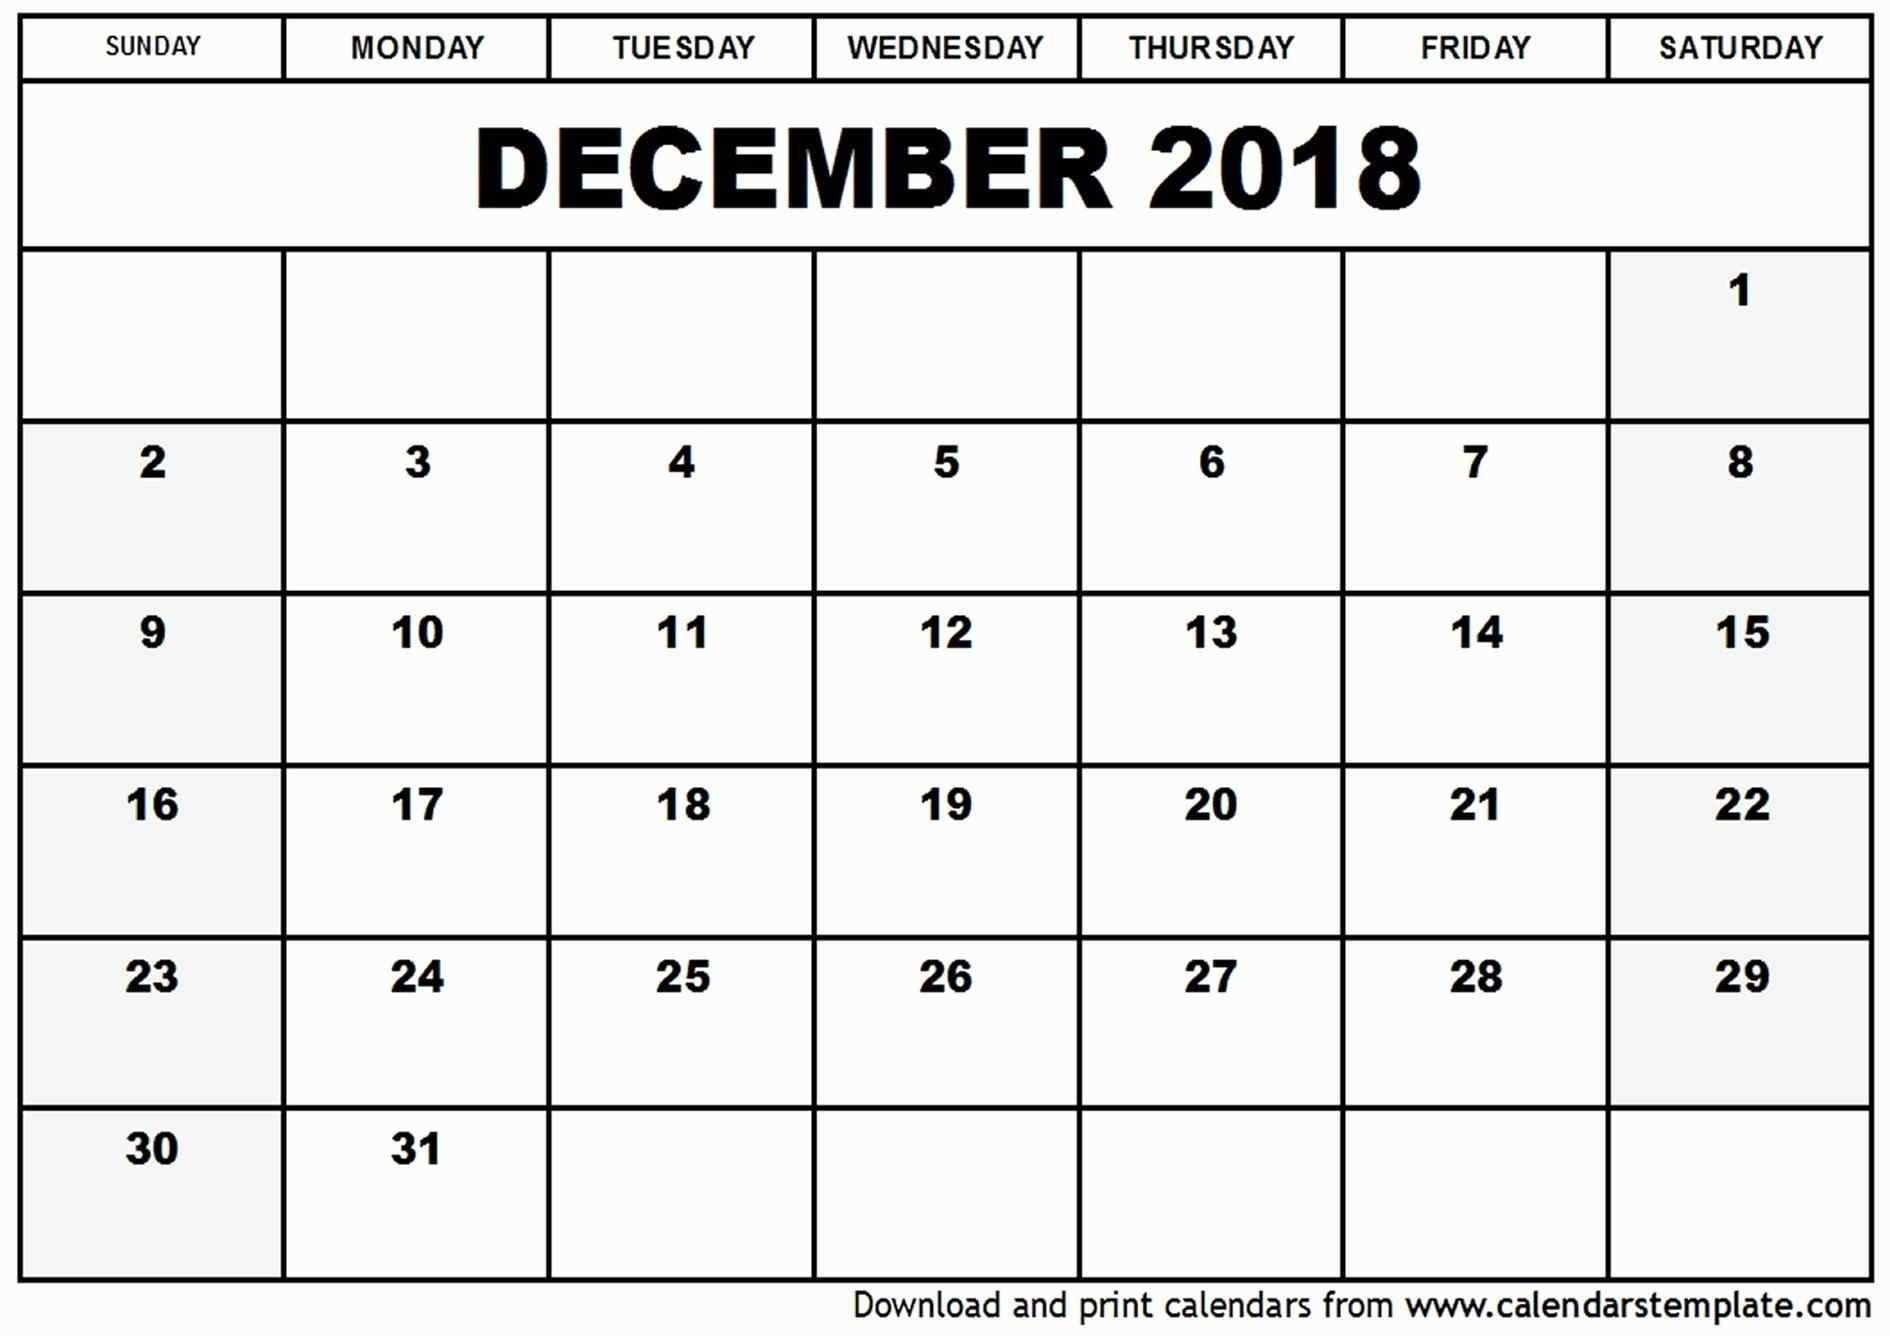 Calendario 2019 Argentina Y Feriados Más Actual Verificar Calendario 2019 Argentina Para Imprimir Word Of Calendario 2019 Argentina Y Feriados Más Populares Inspeccionar Calendario 2019 Venezuela Feriados Para Imprimir